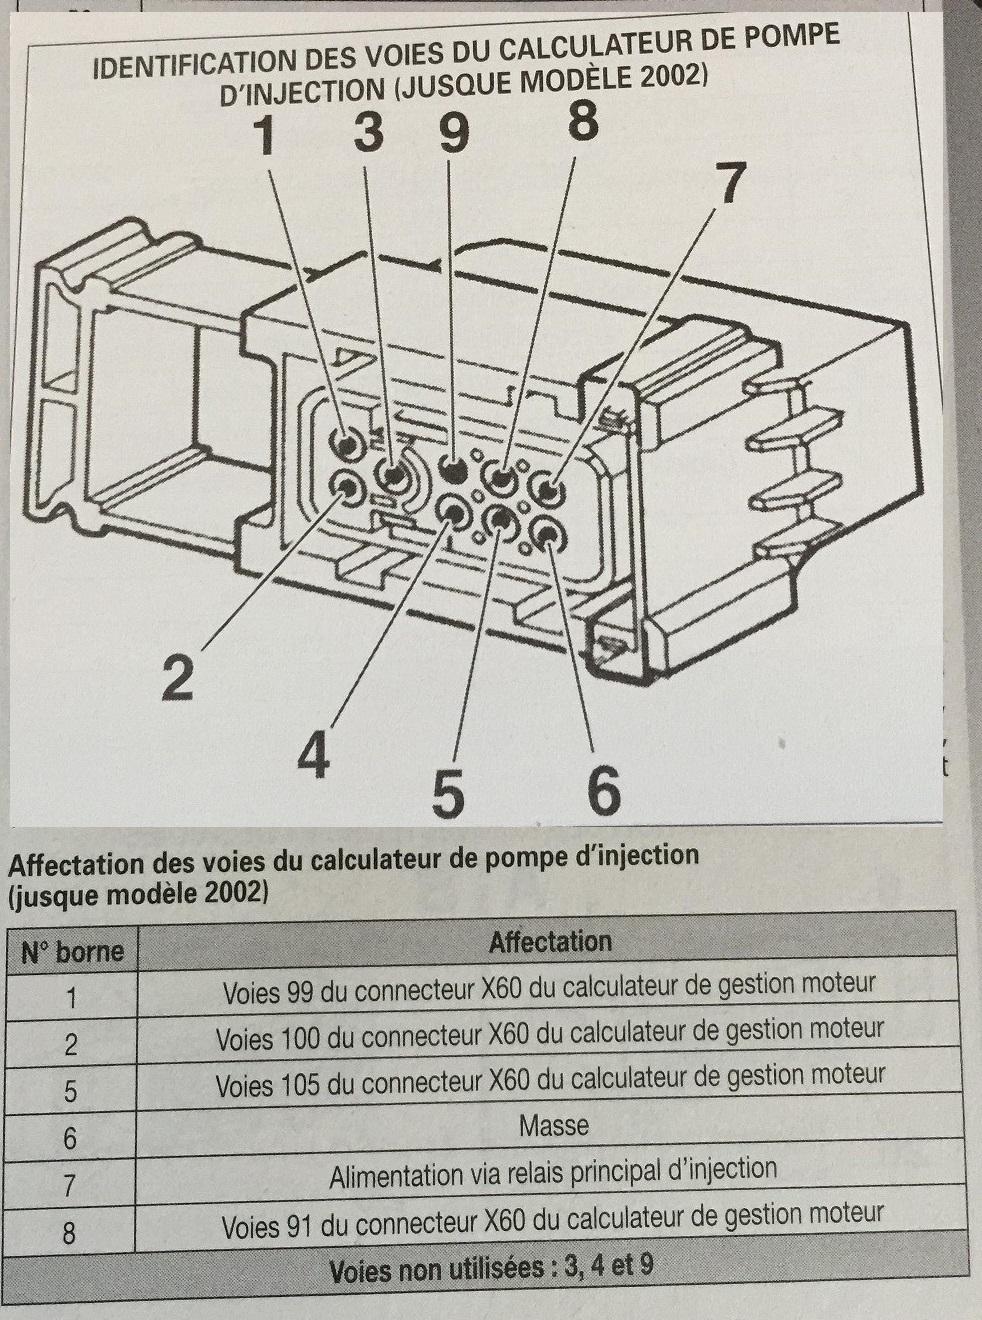 coup de clé le démarreur ne se lance pas - Page 13 Design12